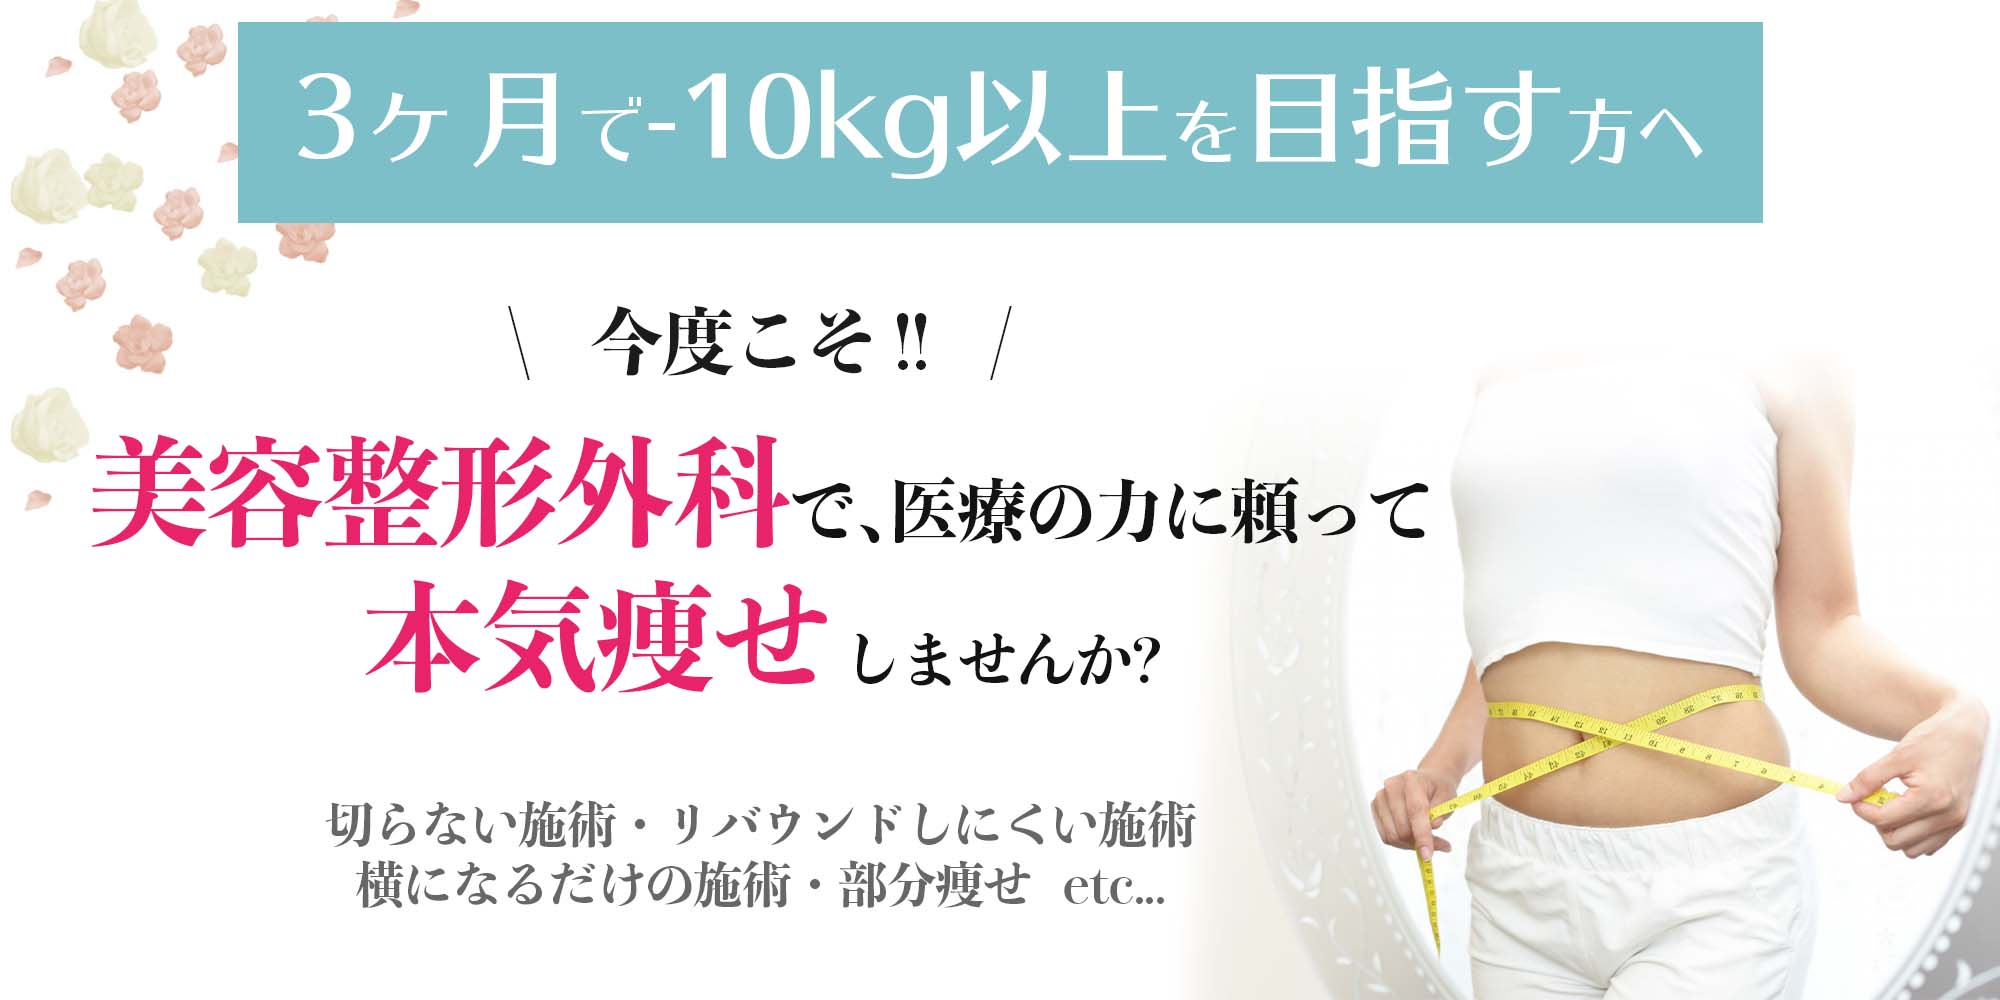 今度こそ、美容整形外科で、医療の力に頼って本気痩せしませんか?